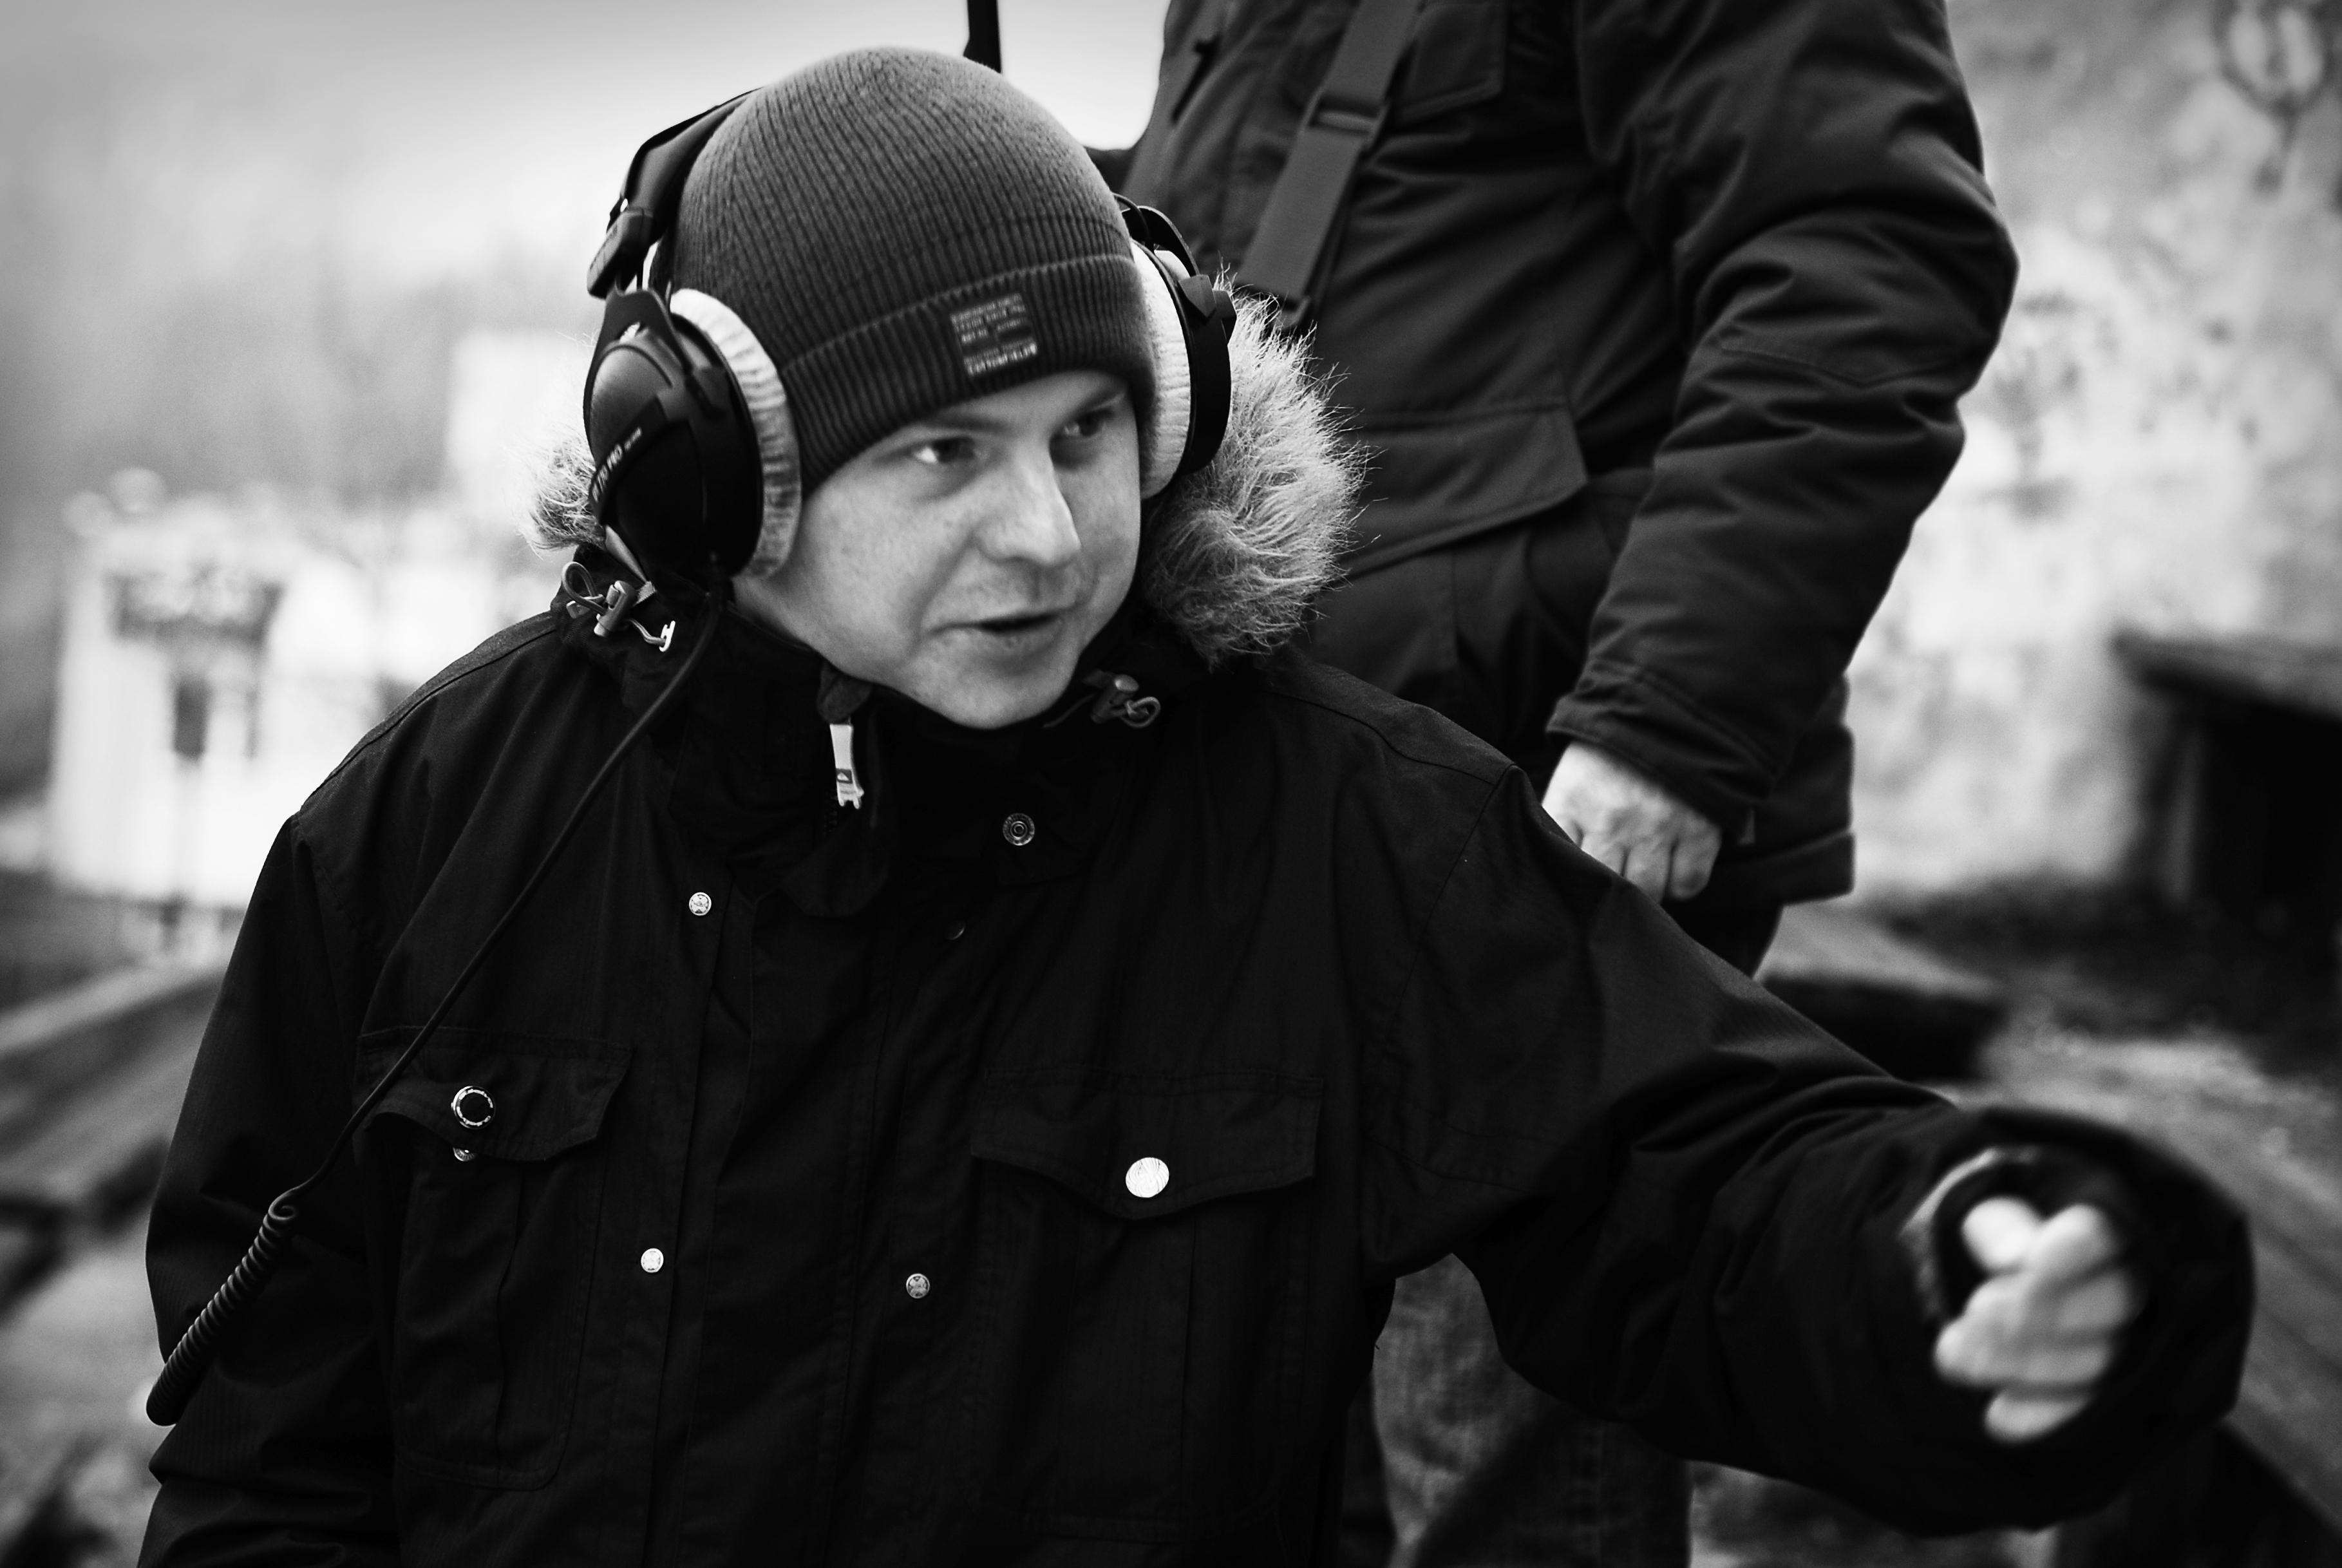 Reżyser Michał Tkaczyński (źródło: materiały prasowe)